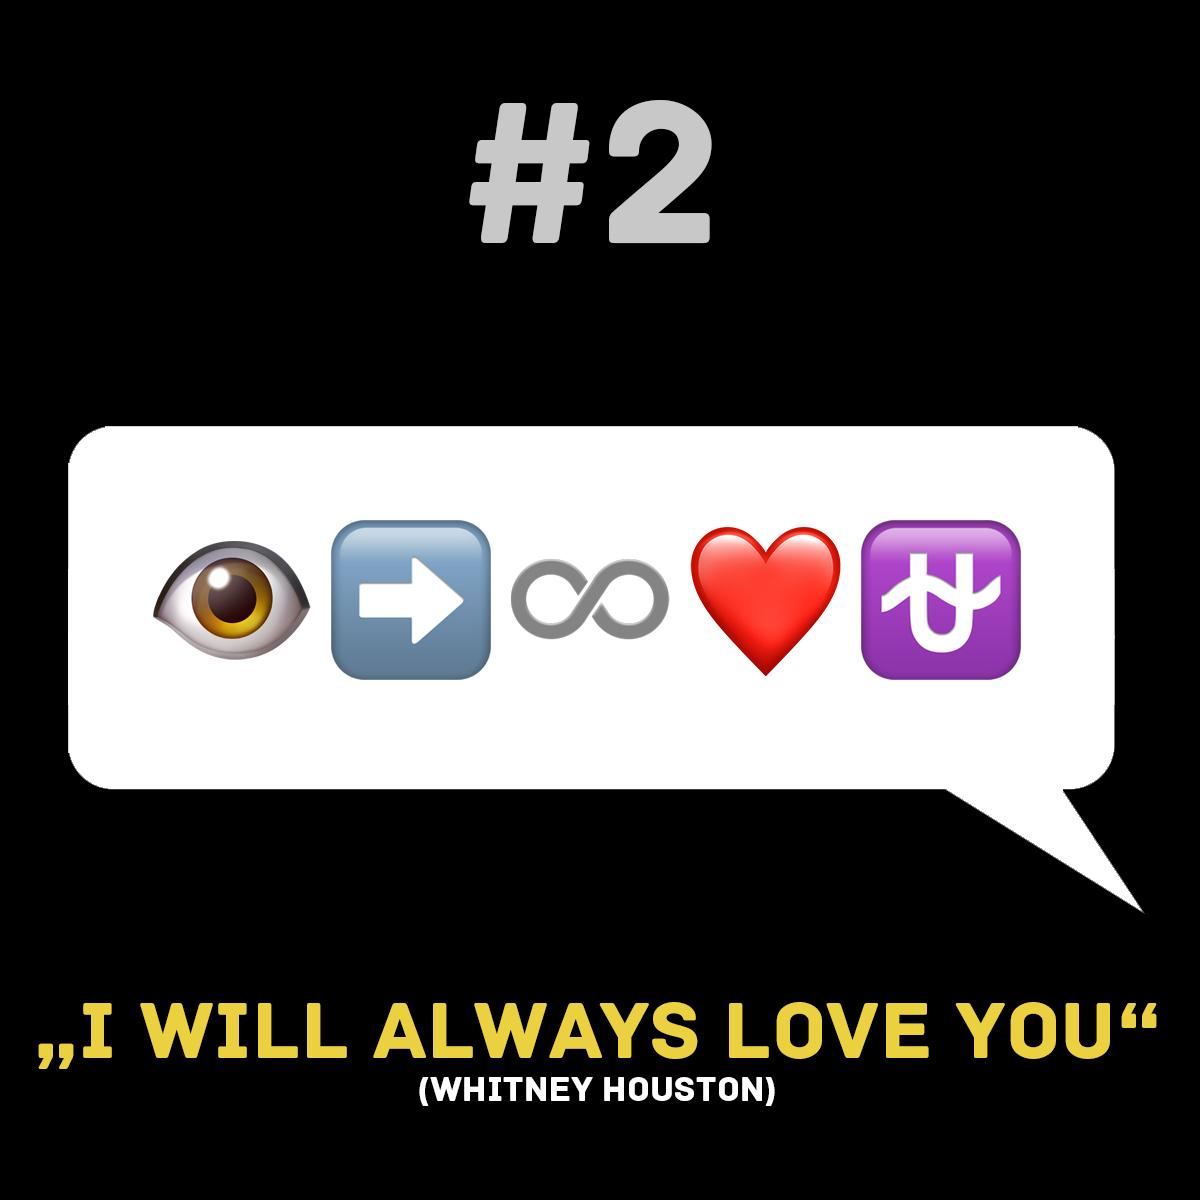 Songtitel in Emojis dargestellt emojibands_02b